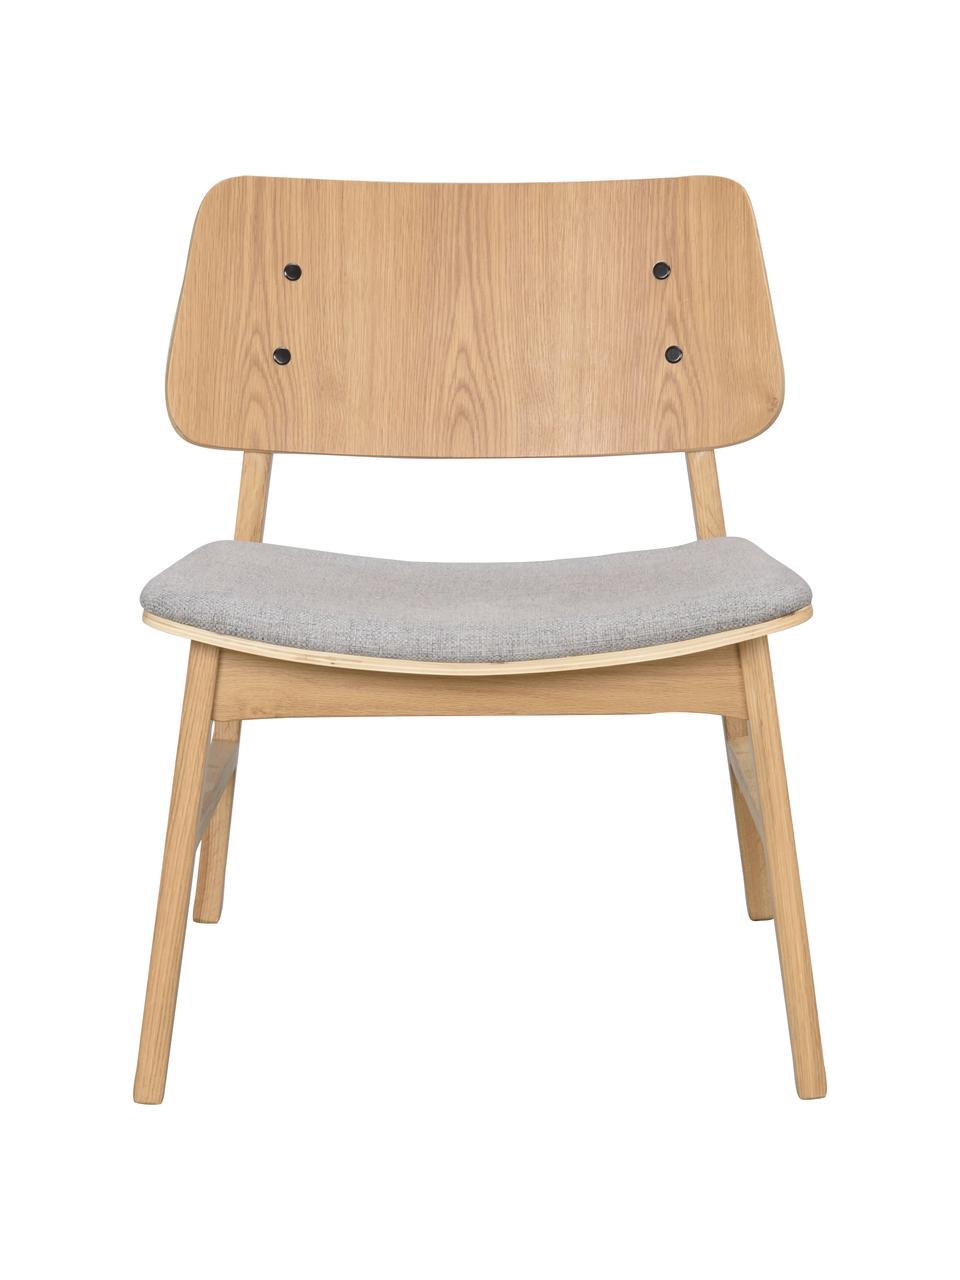 Fotel wypoczynkowy z drewna dębowego Nagano, Tapicerka: 100% poliester, Jasny brązowy, jasny szary, S 57 x G 50 cm